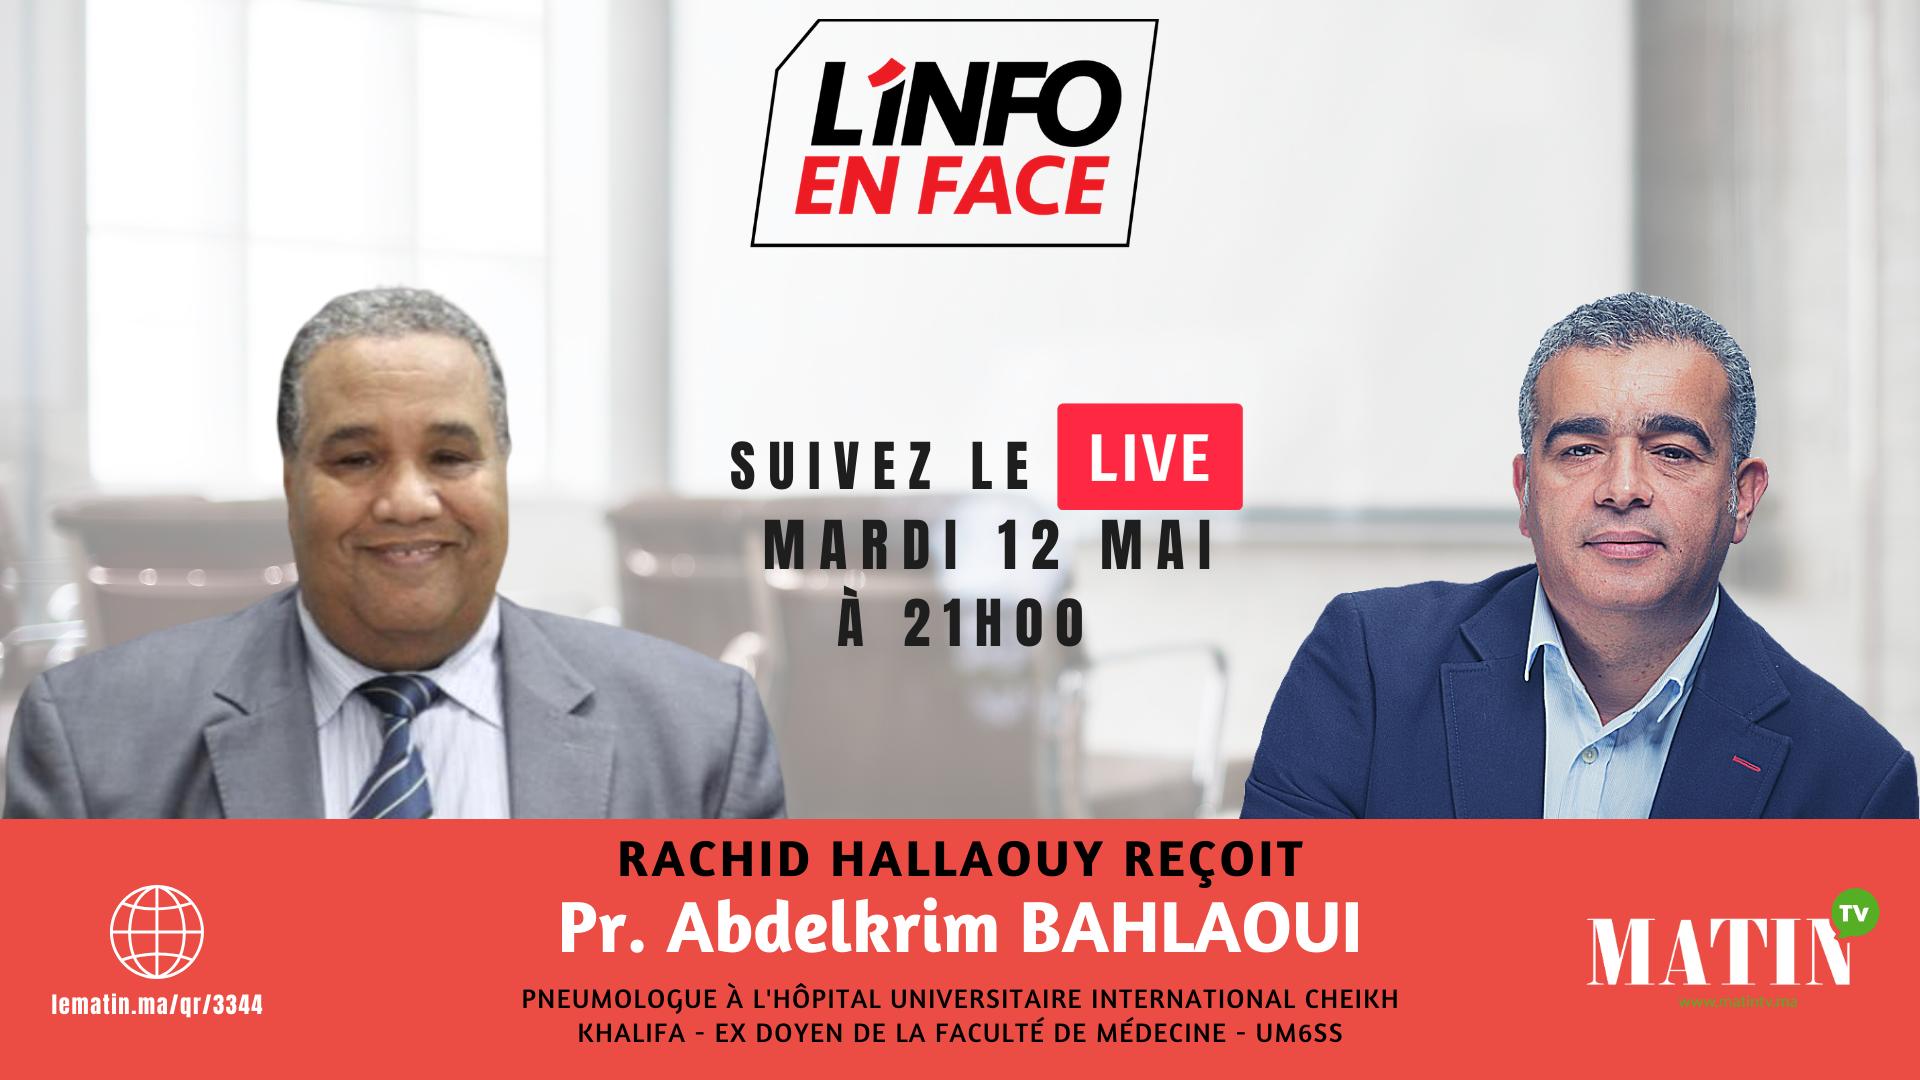 Live : L'Info en Face avec Abdelkrim Bahlaoui